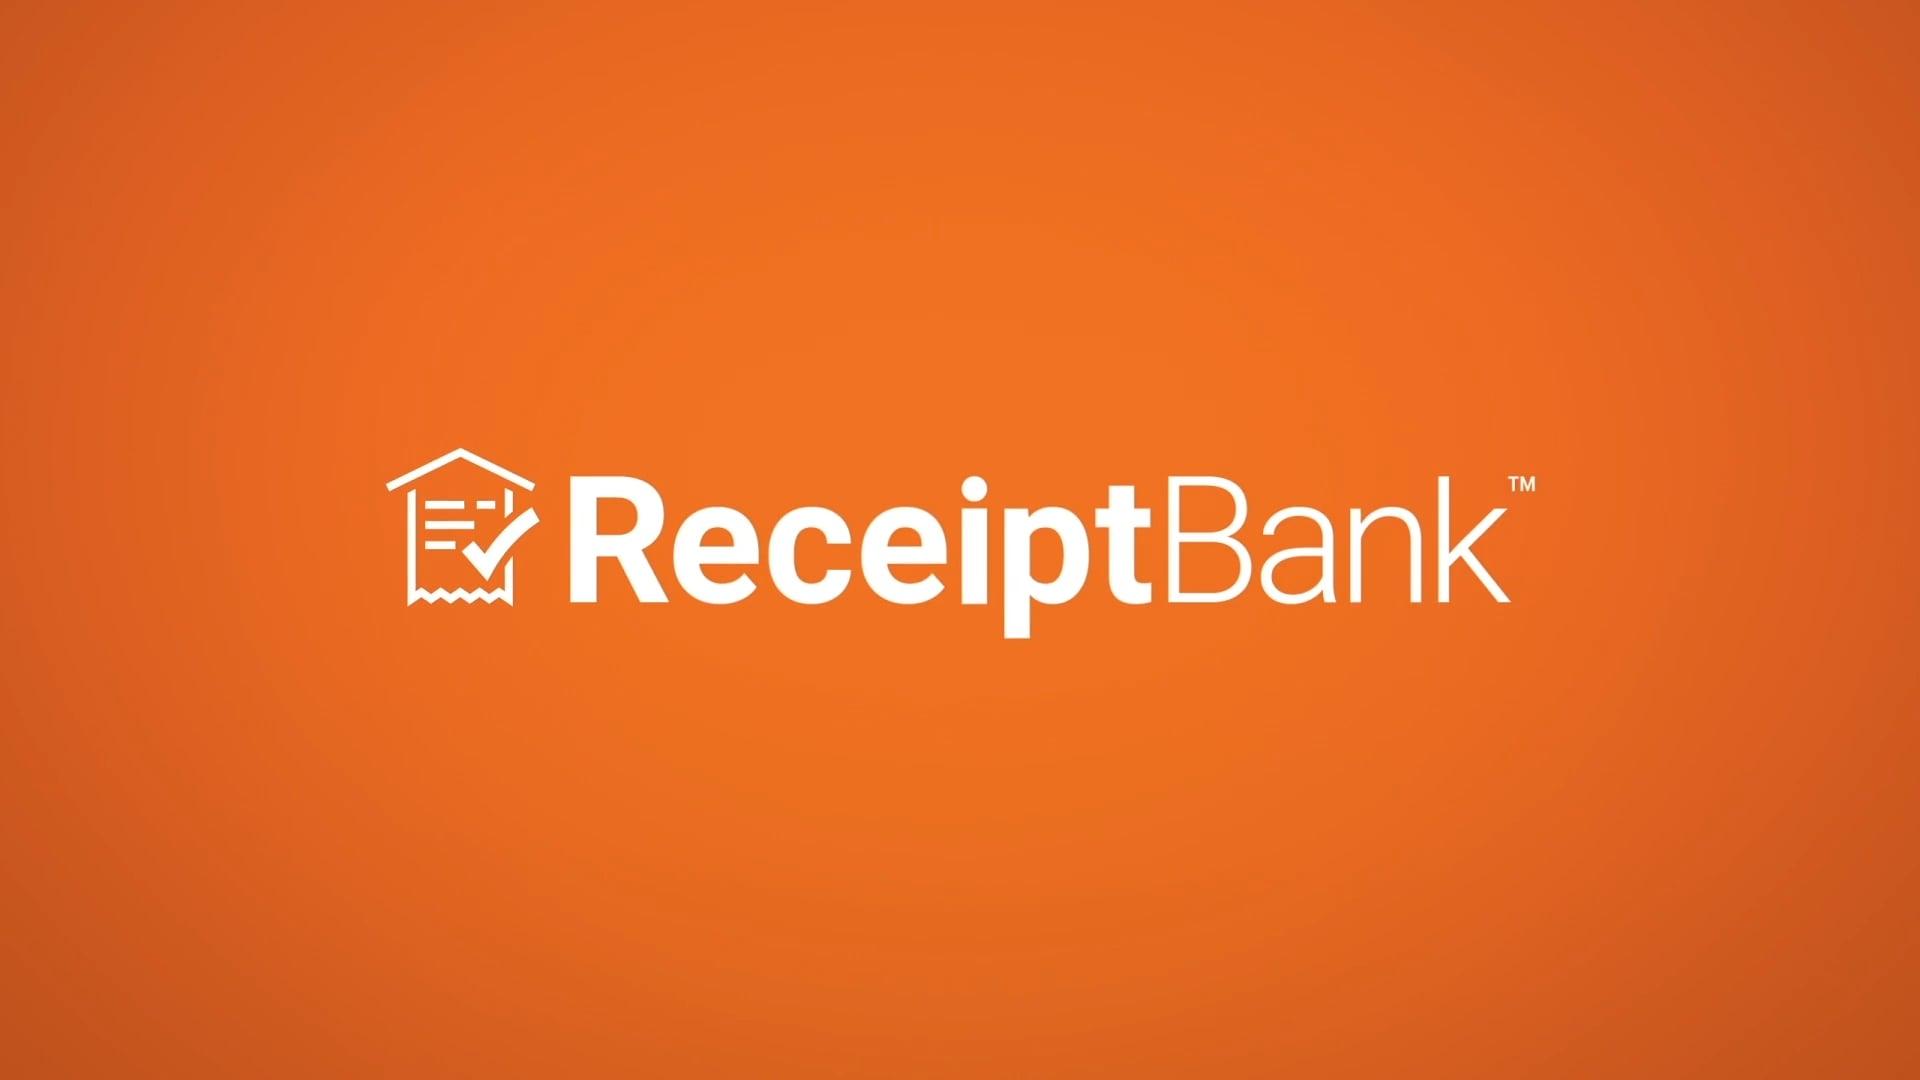 Viral Video Receipt Bank